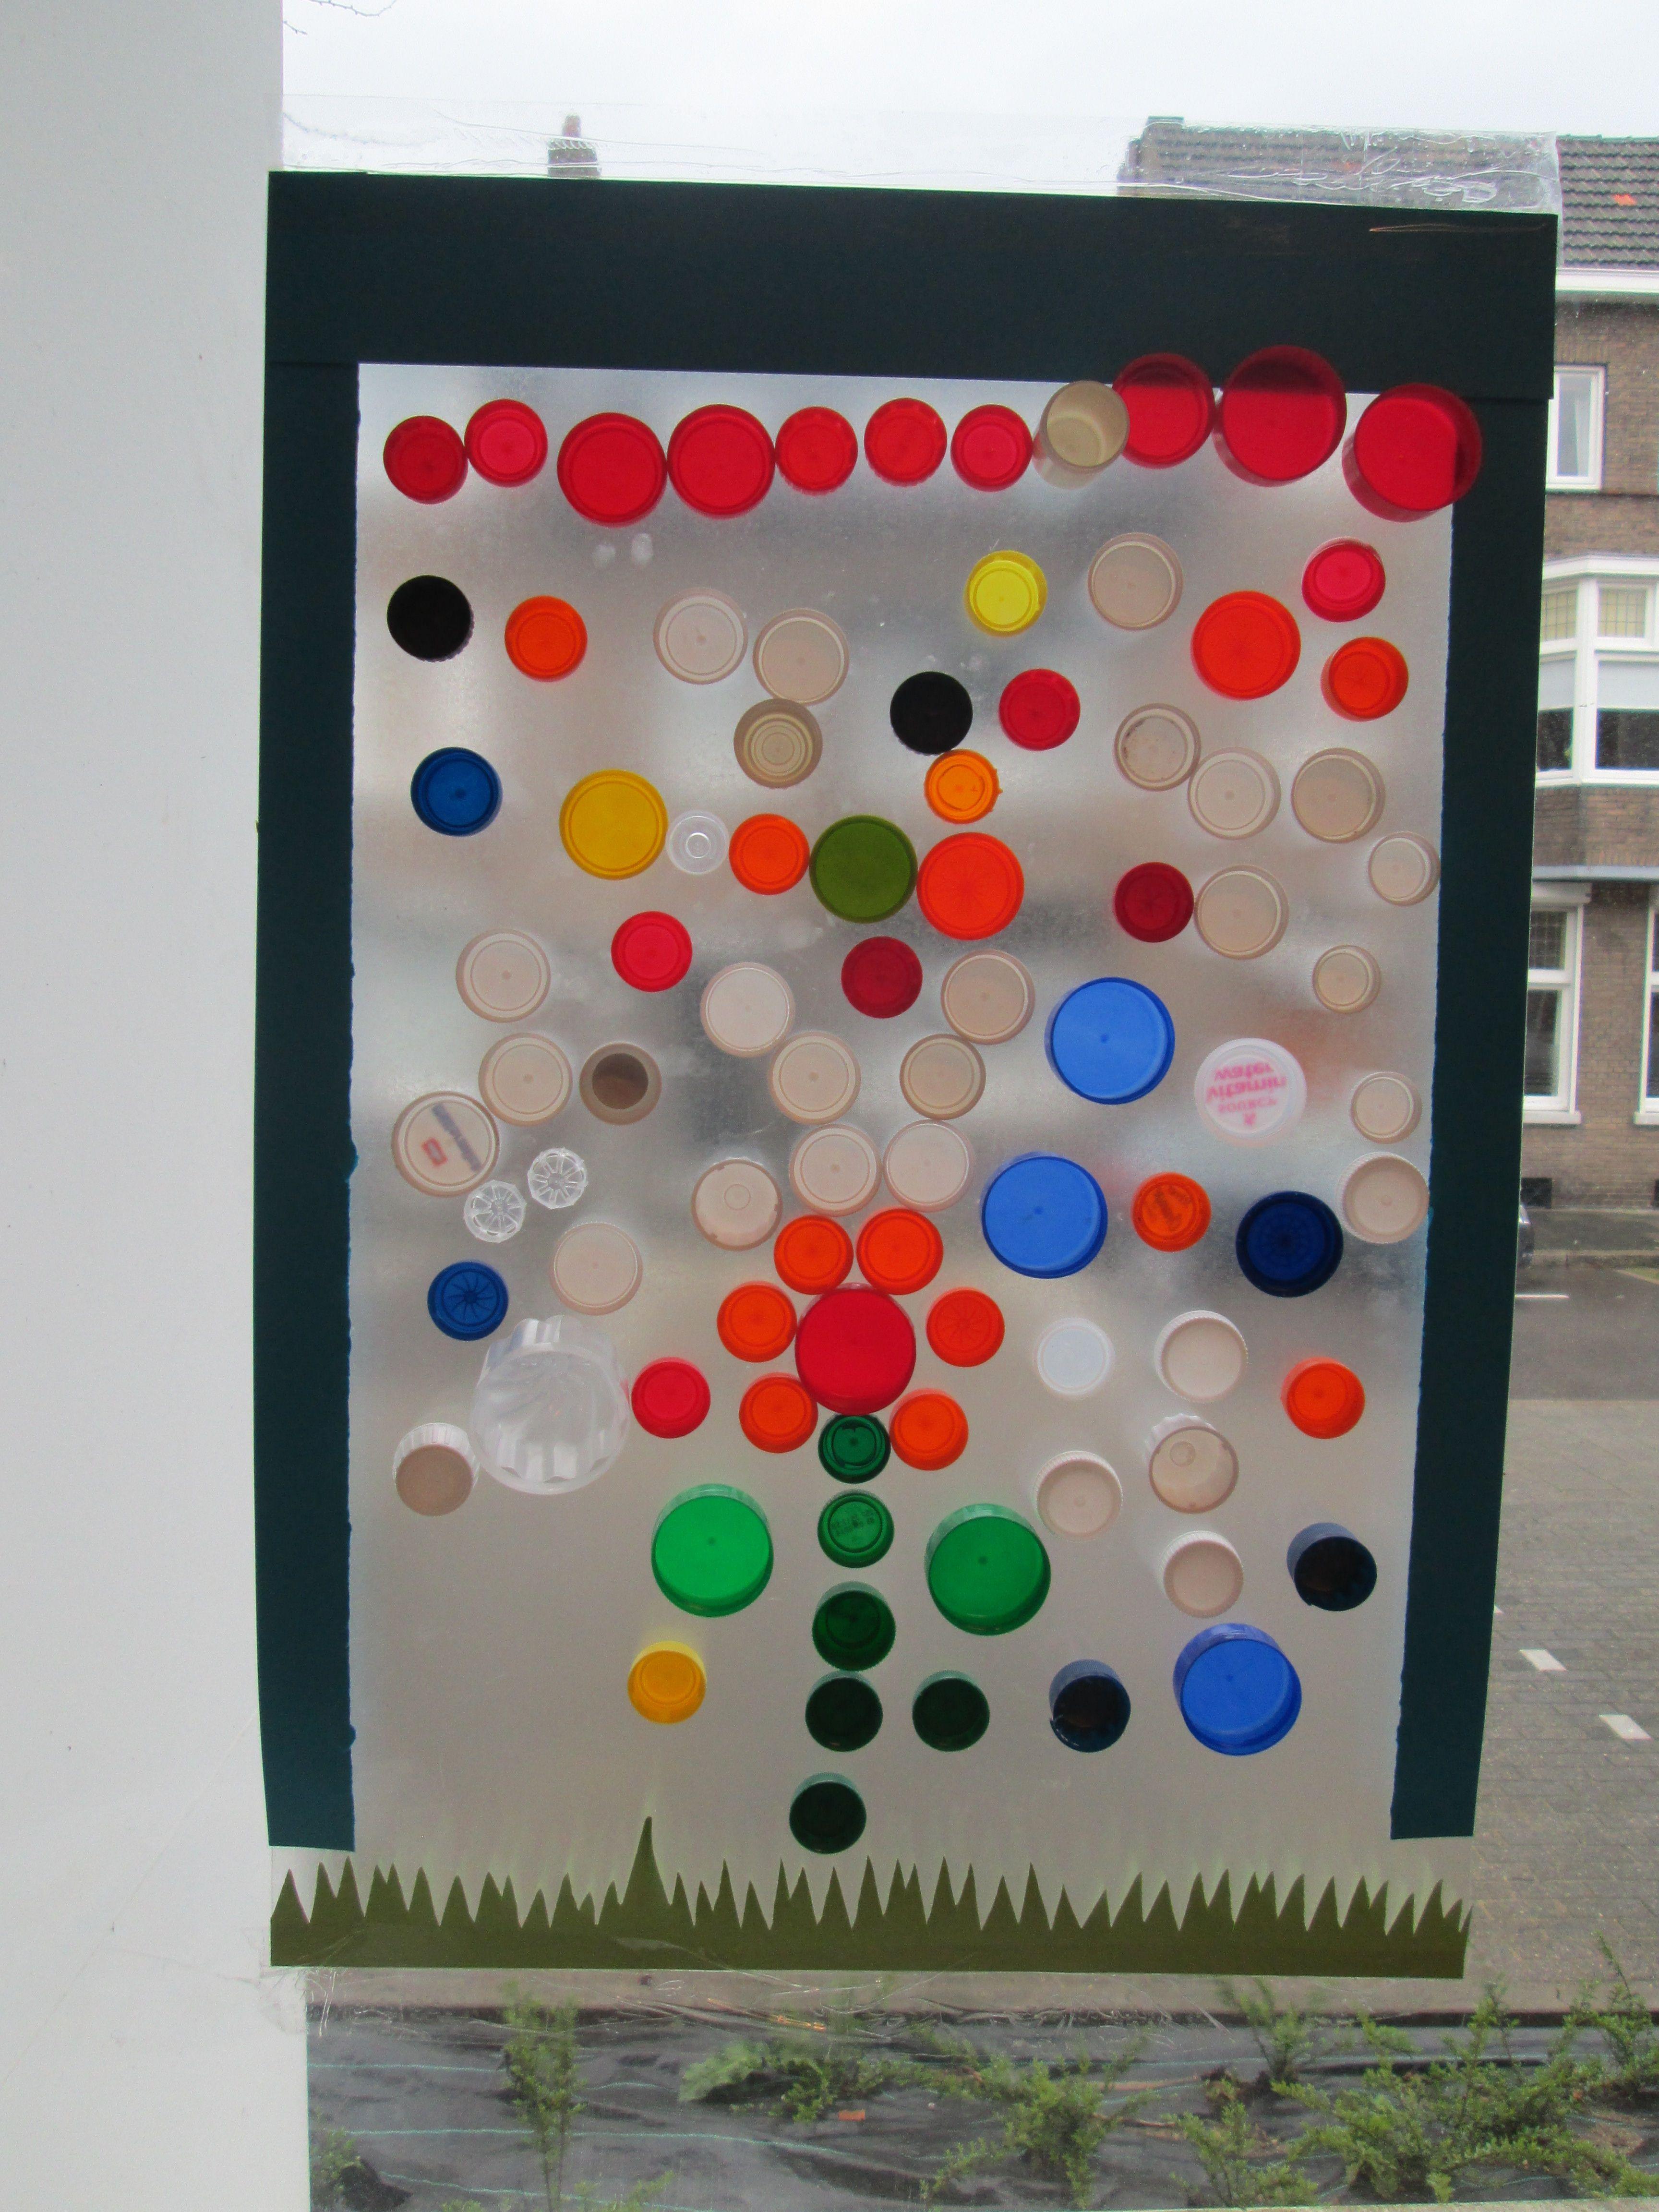 Plakplastic met tape op het raam plakken en dan met for Plakplastic raam